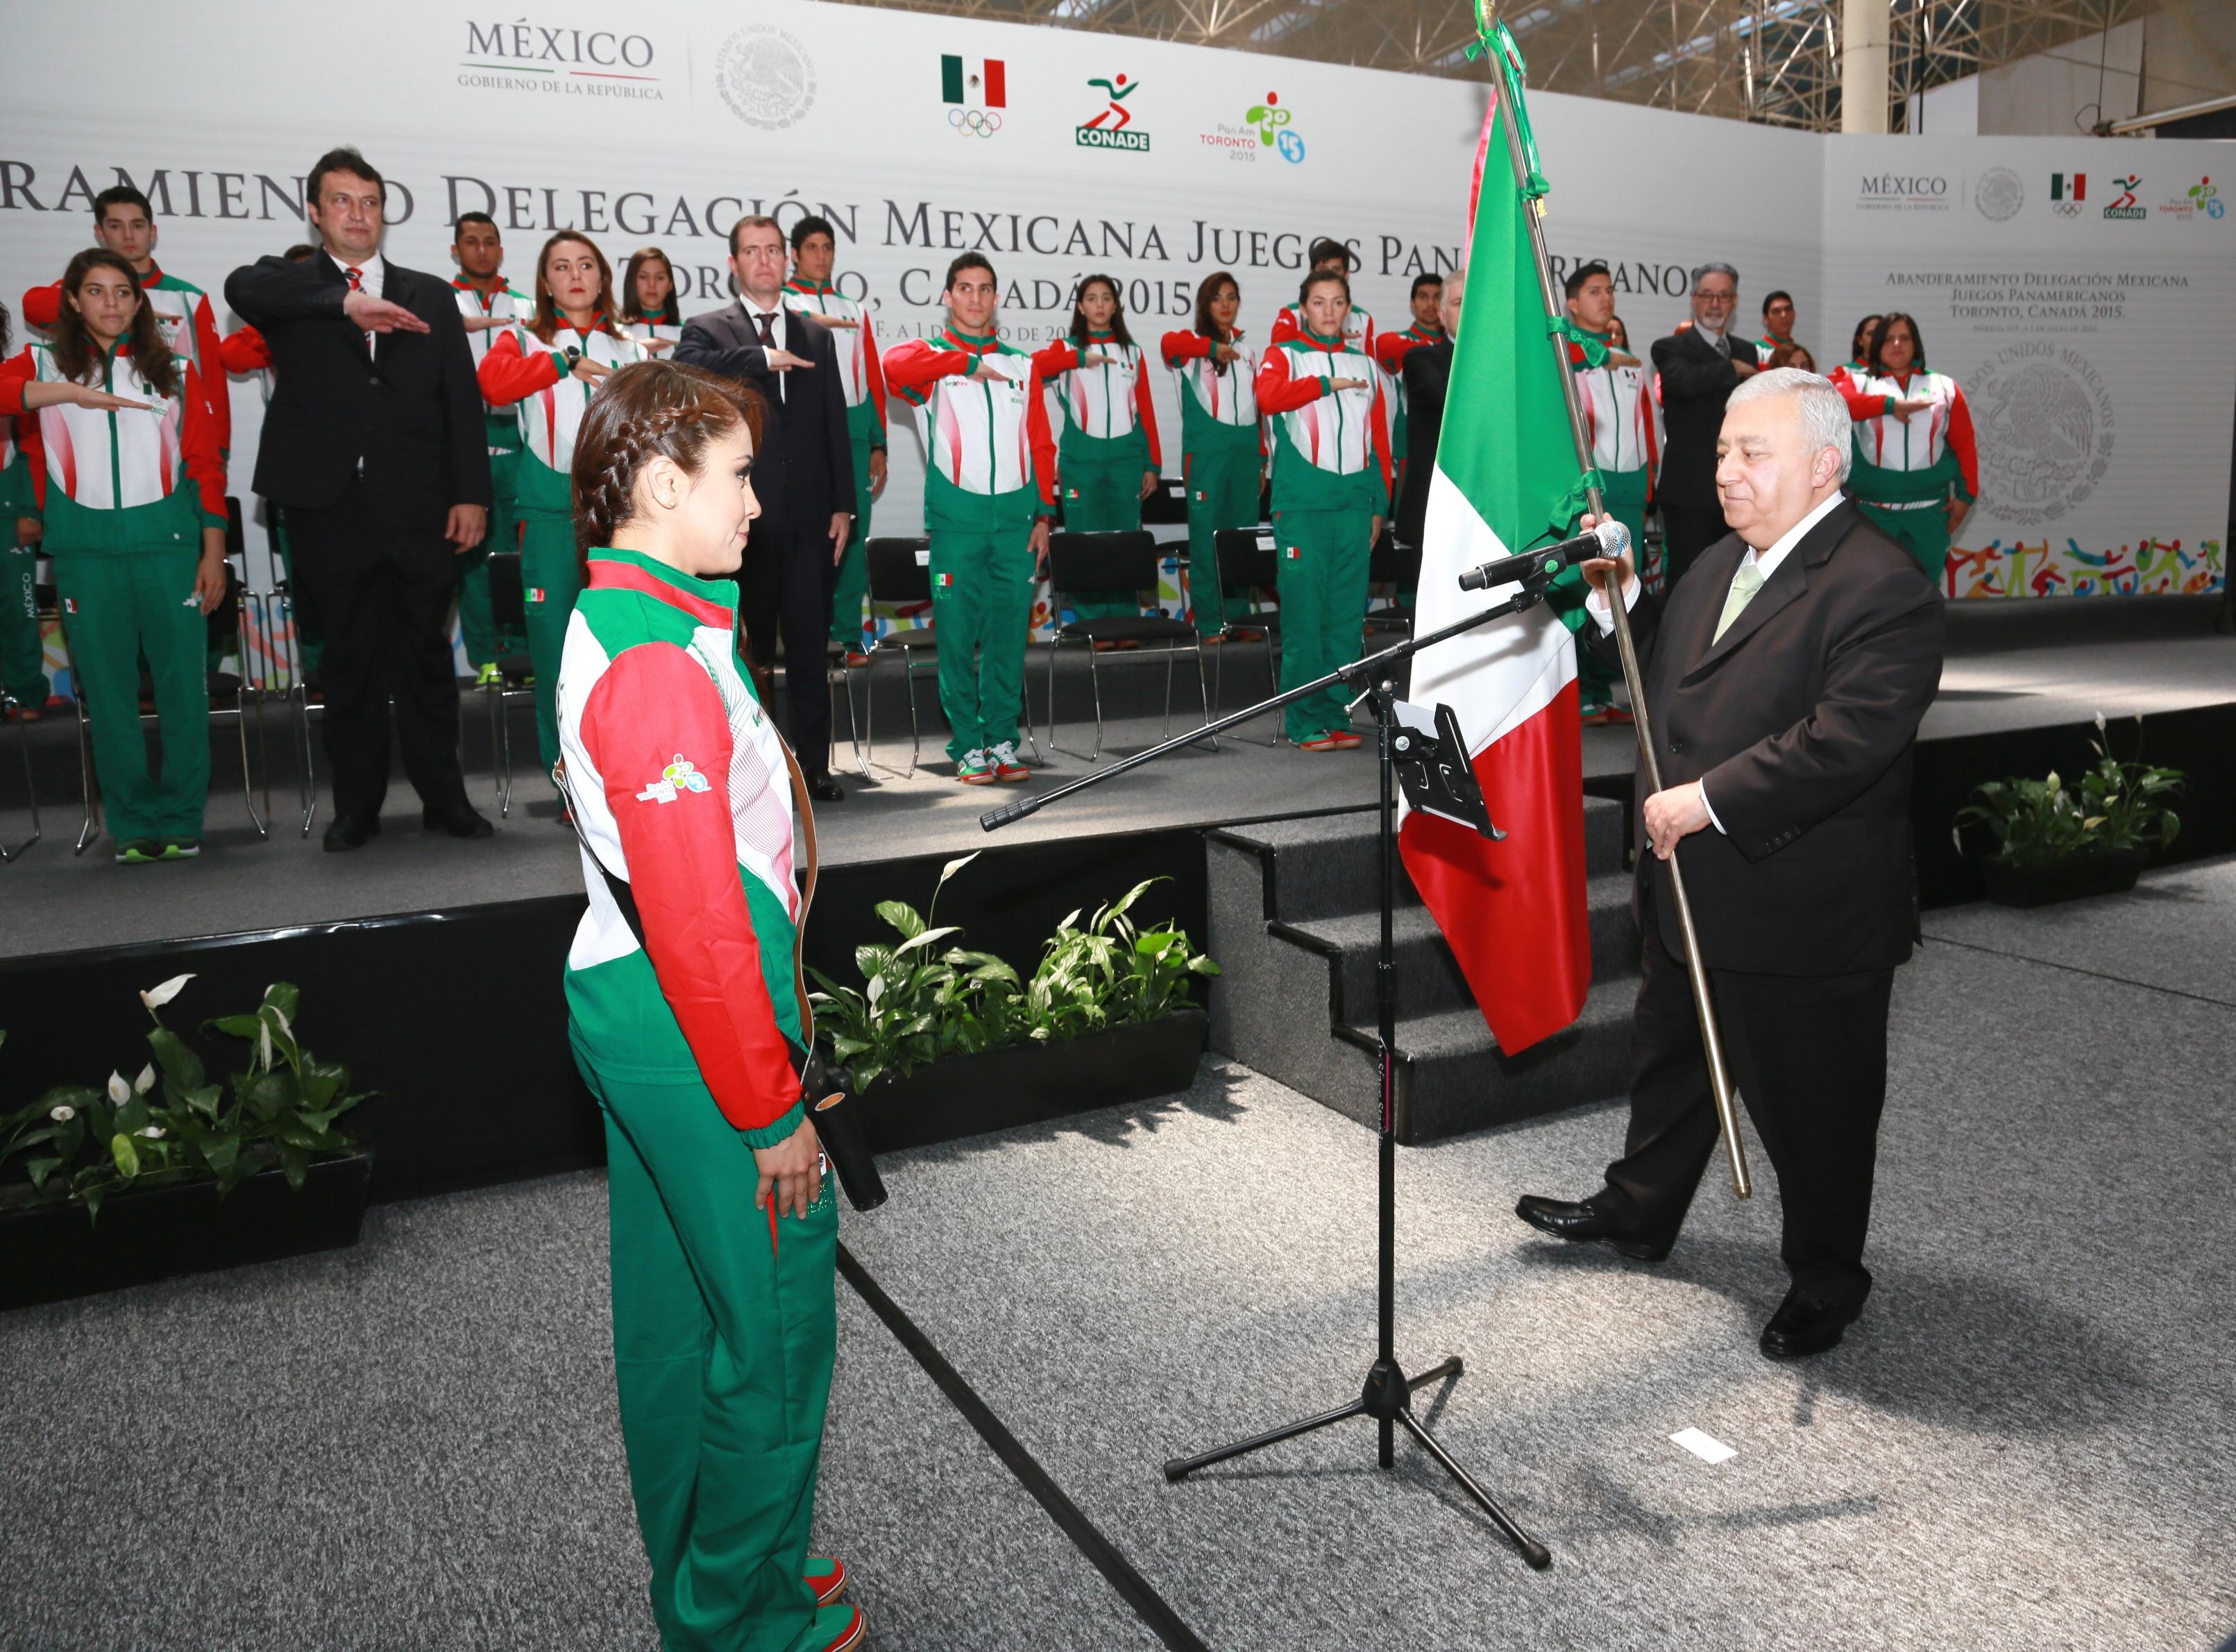 Con la representación presidencial, el secretario de Educación Pública abanderó a la delegación que participará en los XVII Juegos Panamericanos